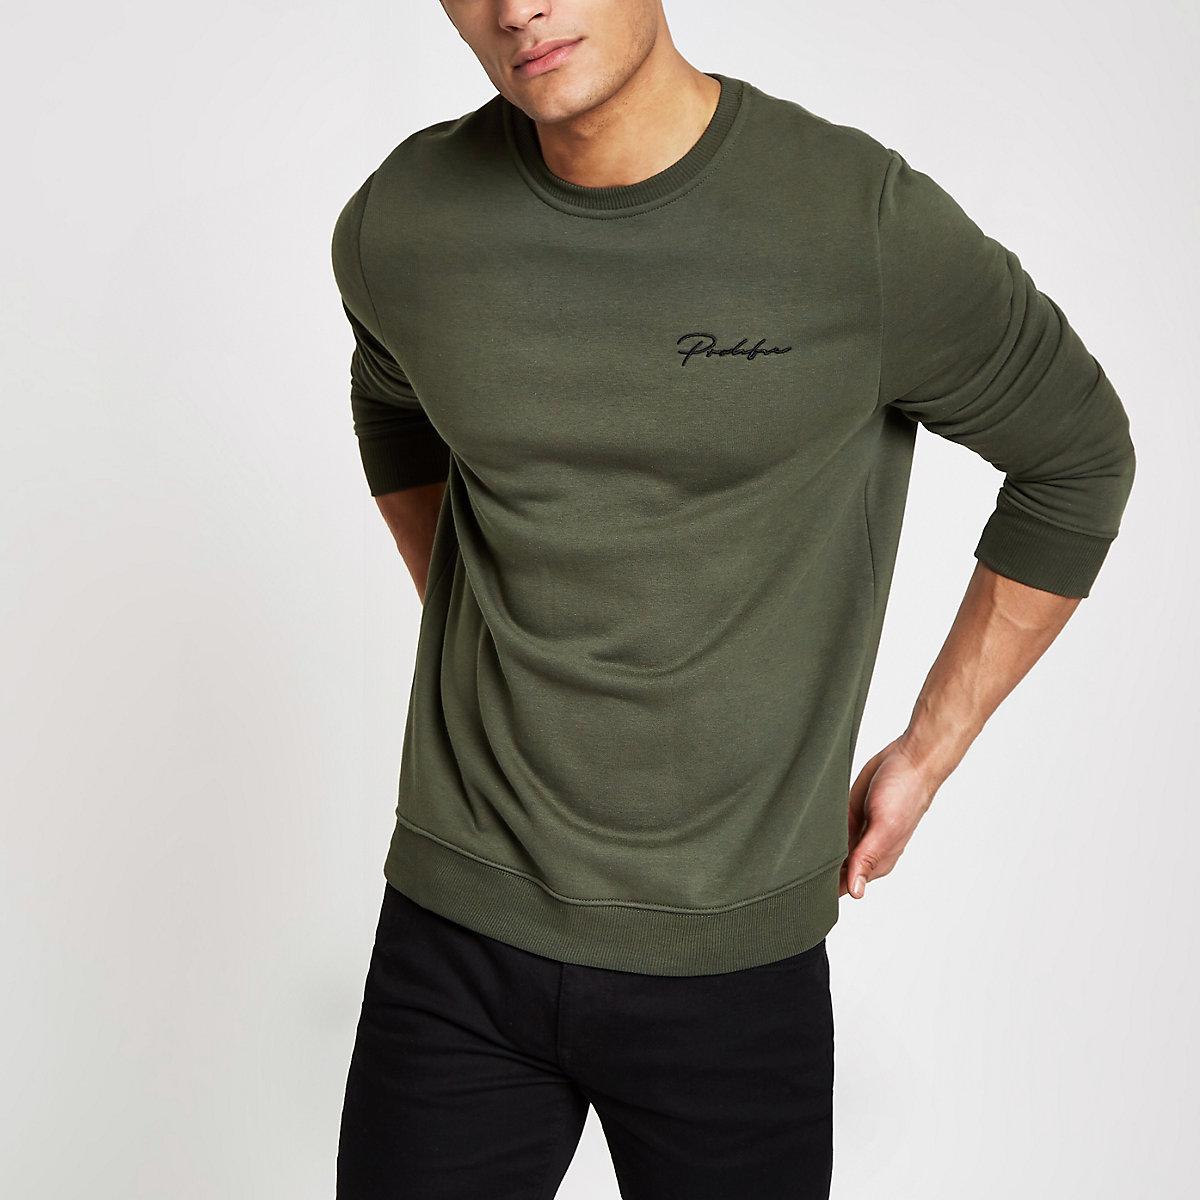 Khaki green 'Prolific' slim fit sweatshirt